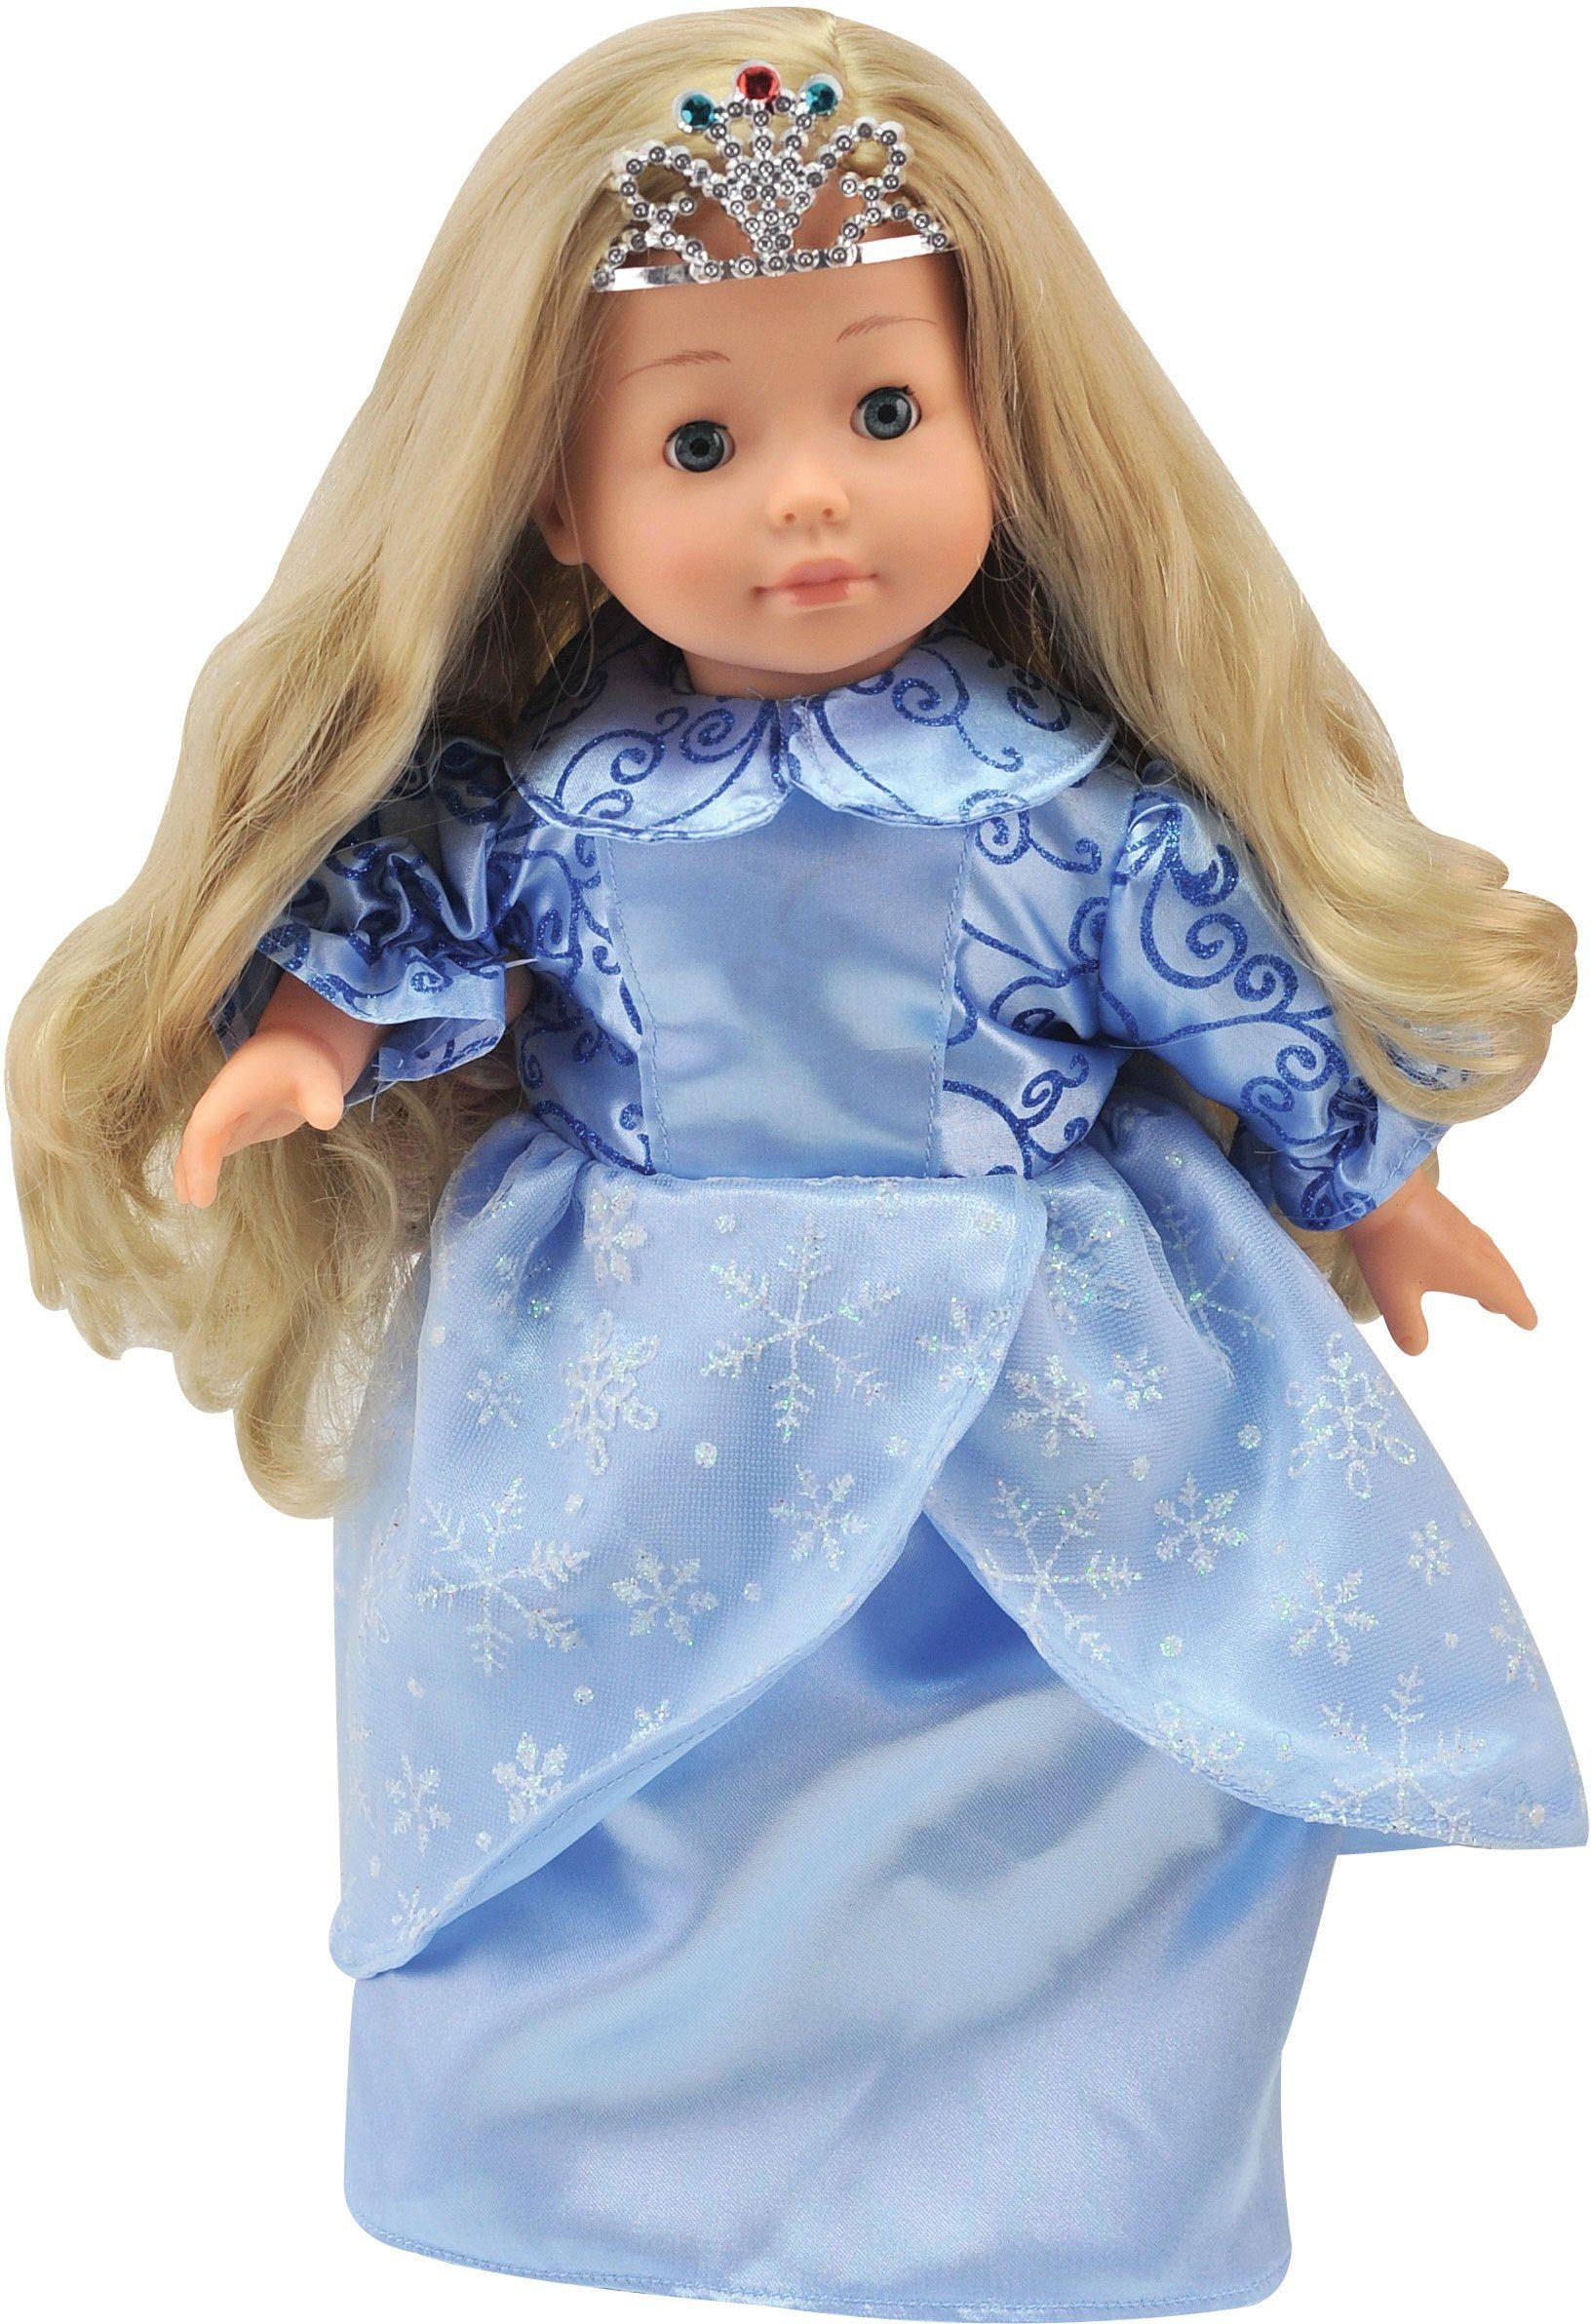 Dimian Puppe mit Sprachfunktion und Schlafaugen, »Bambolina Molly Ice Princess«